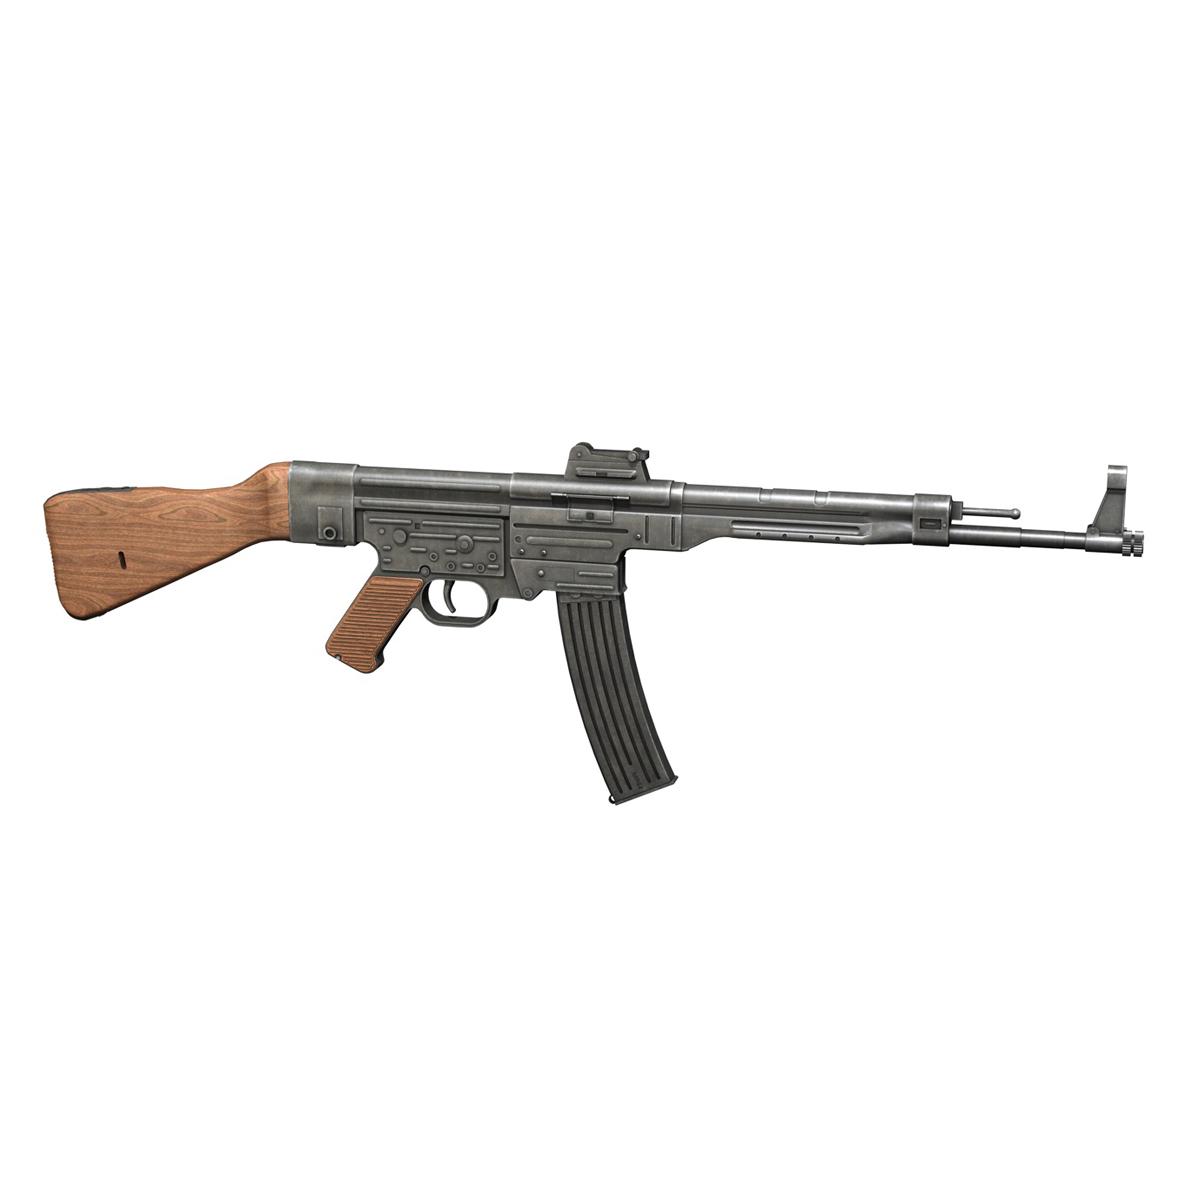 sturmgewehr 44 - mp44 - német támadás puska 3d modell 3ds fbx c4d lwo obj 195176